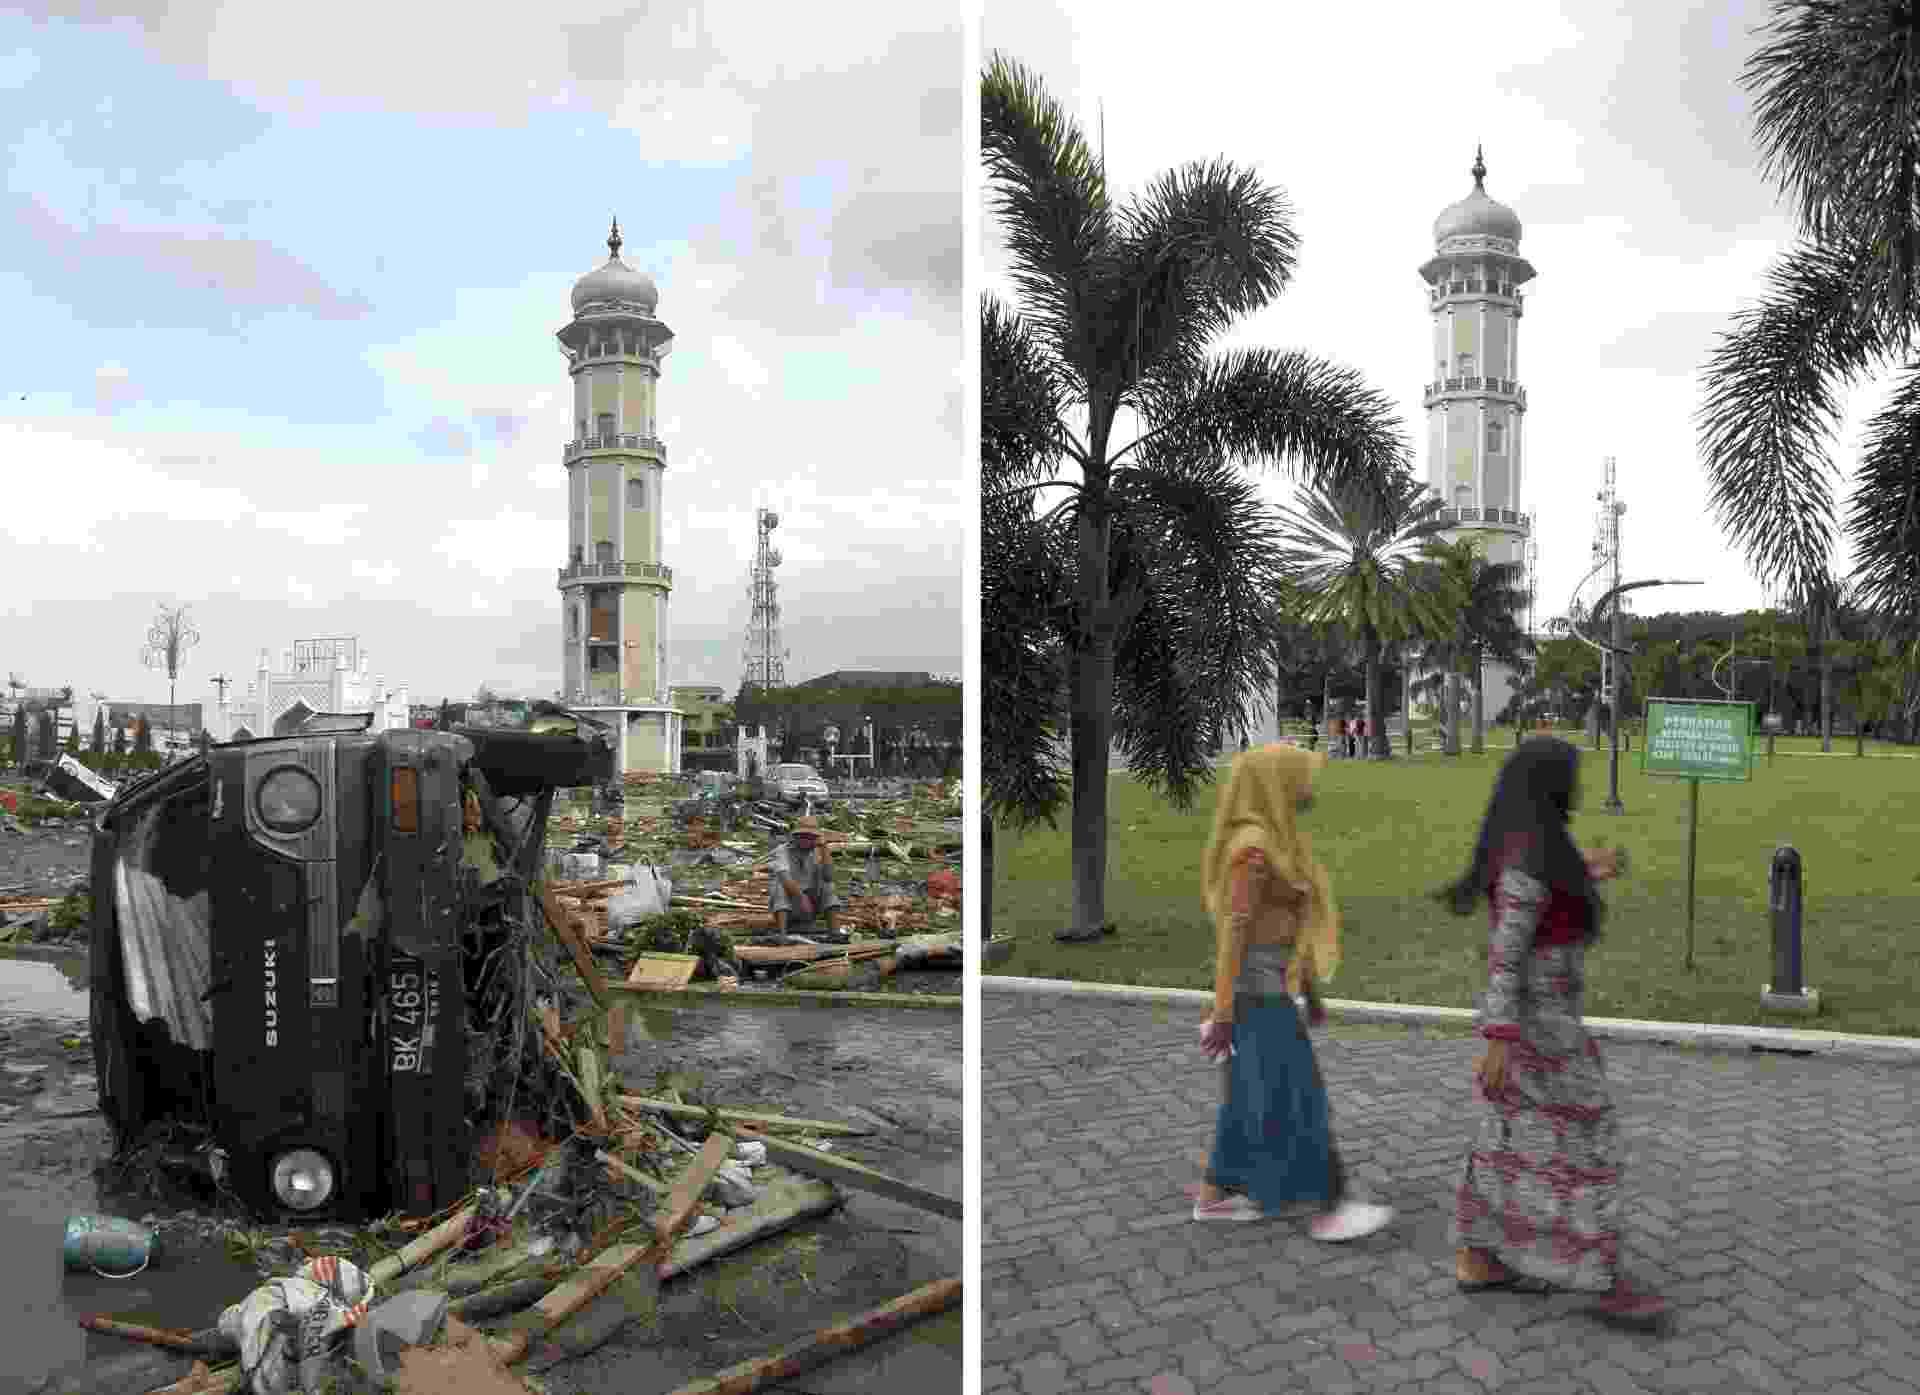 Fotos comparam a situação no entorno da mesquita de Baitulrahman, em Banda Aceh (indonésia), dez anos depoisdo tsunami que matou 250 mil pessoas no leste asiático - HOTLI SIMANJUNTAK/EFE